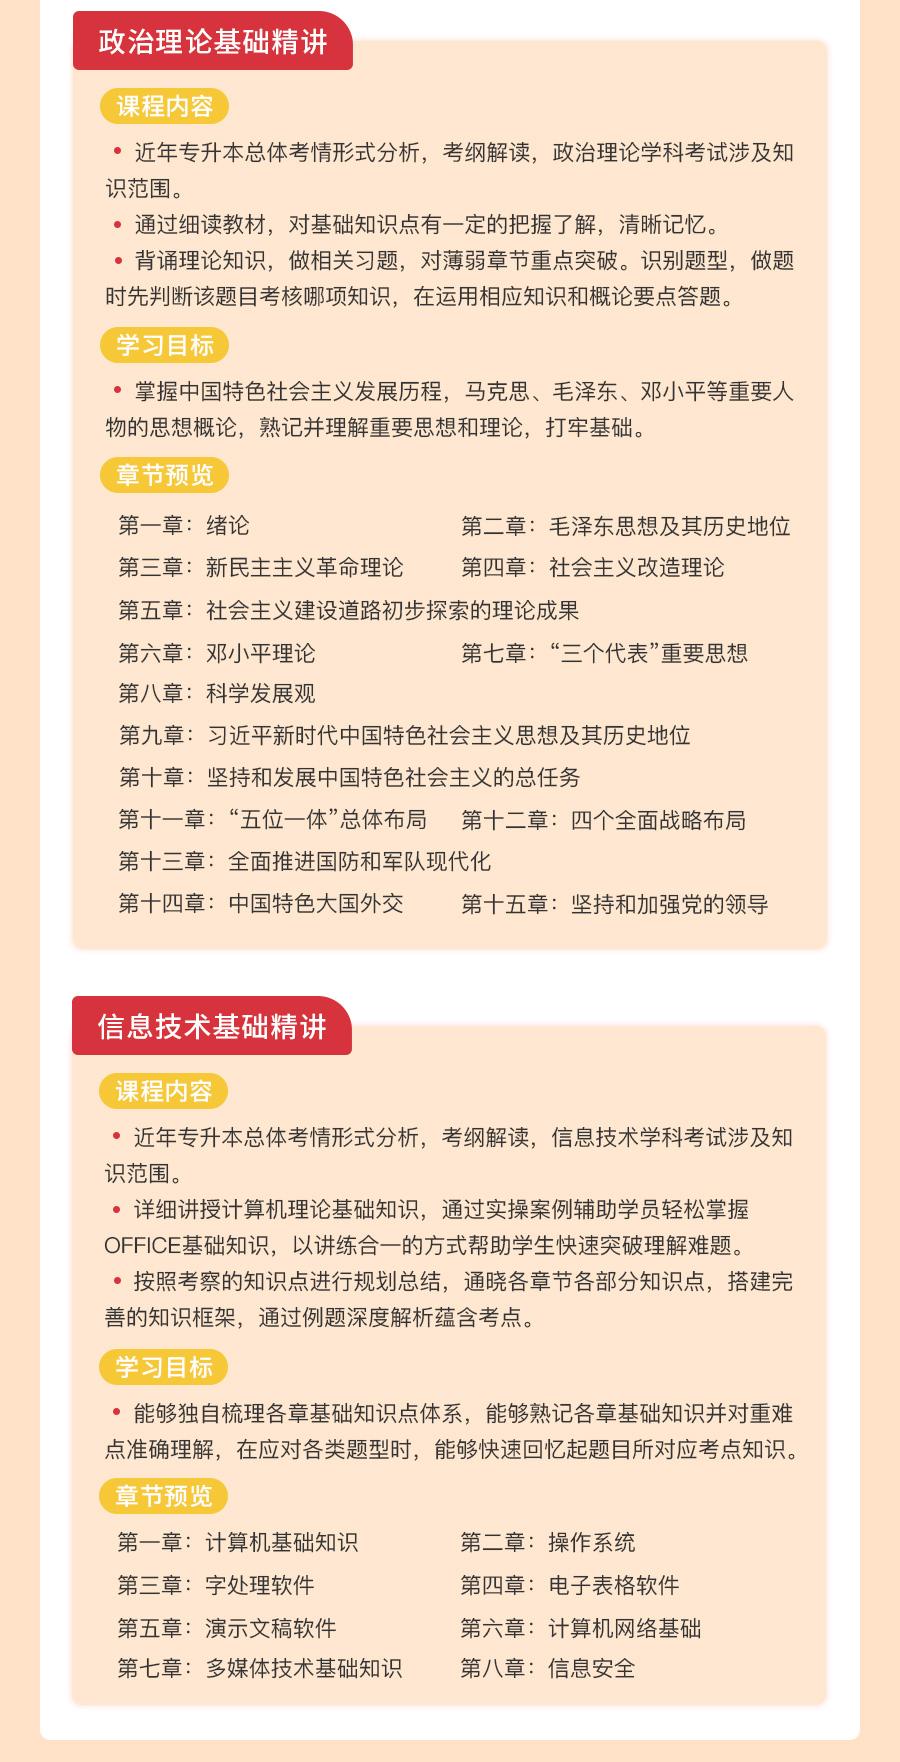 江西-全科-英语+大学语文+政治理论+信息技术_03.jpg